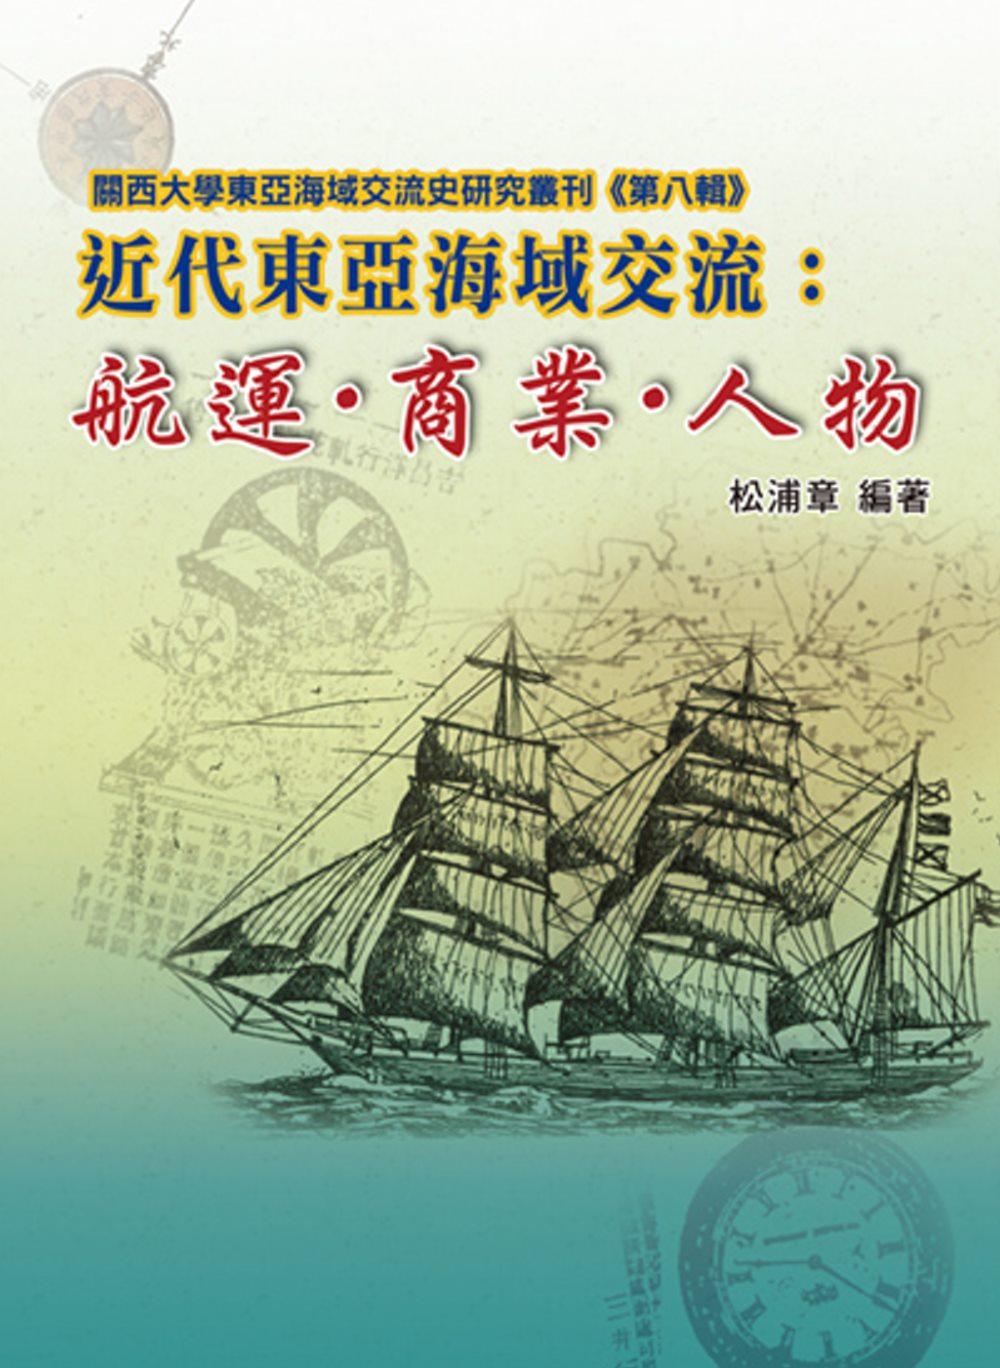 近代東亞海域交流:航運?商業?人物